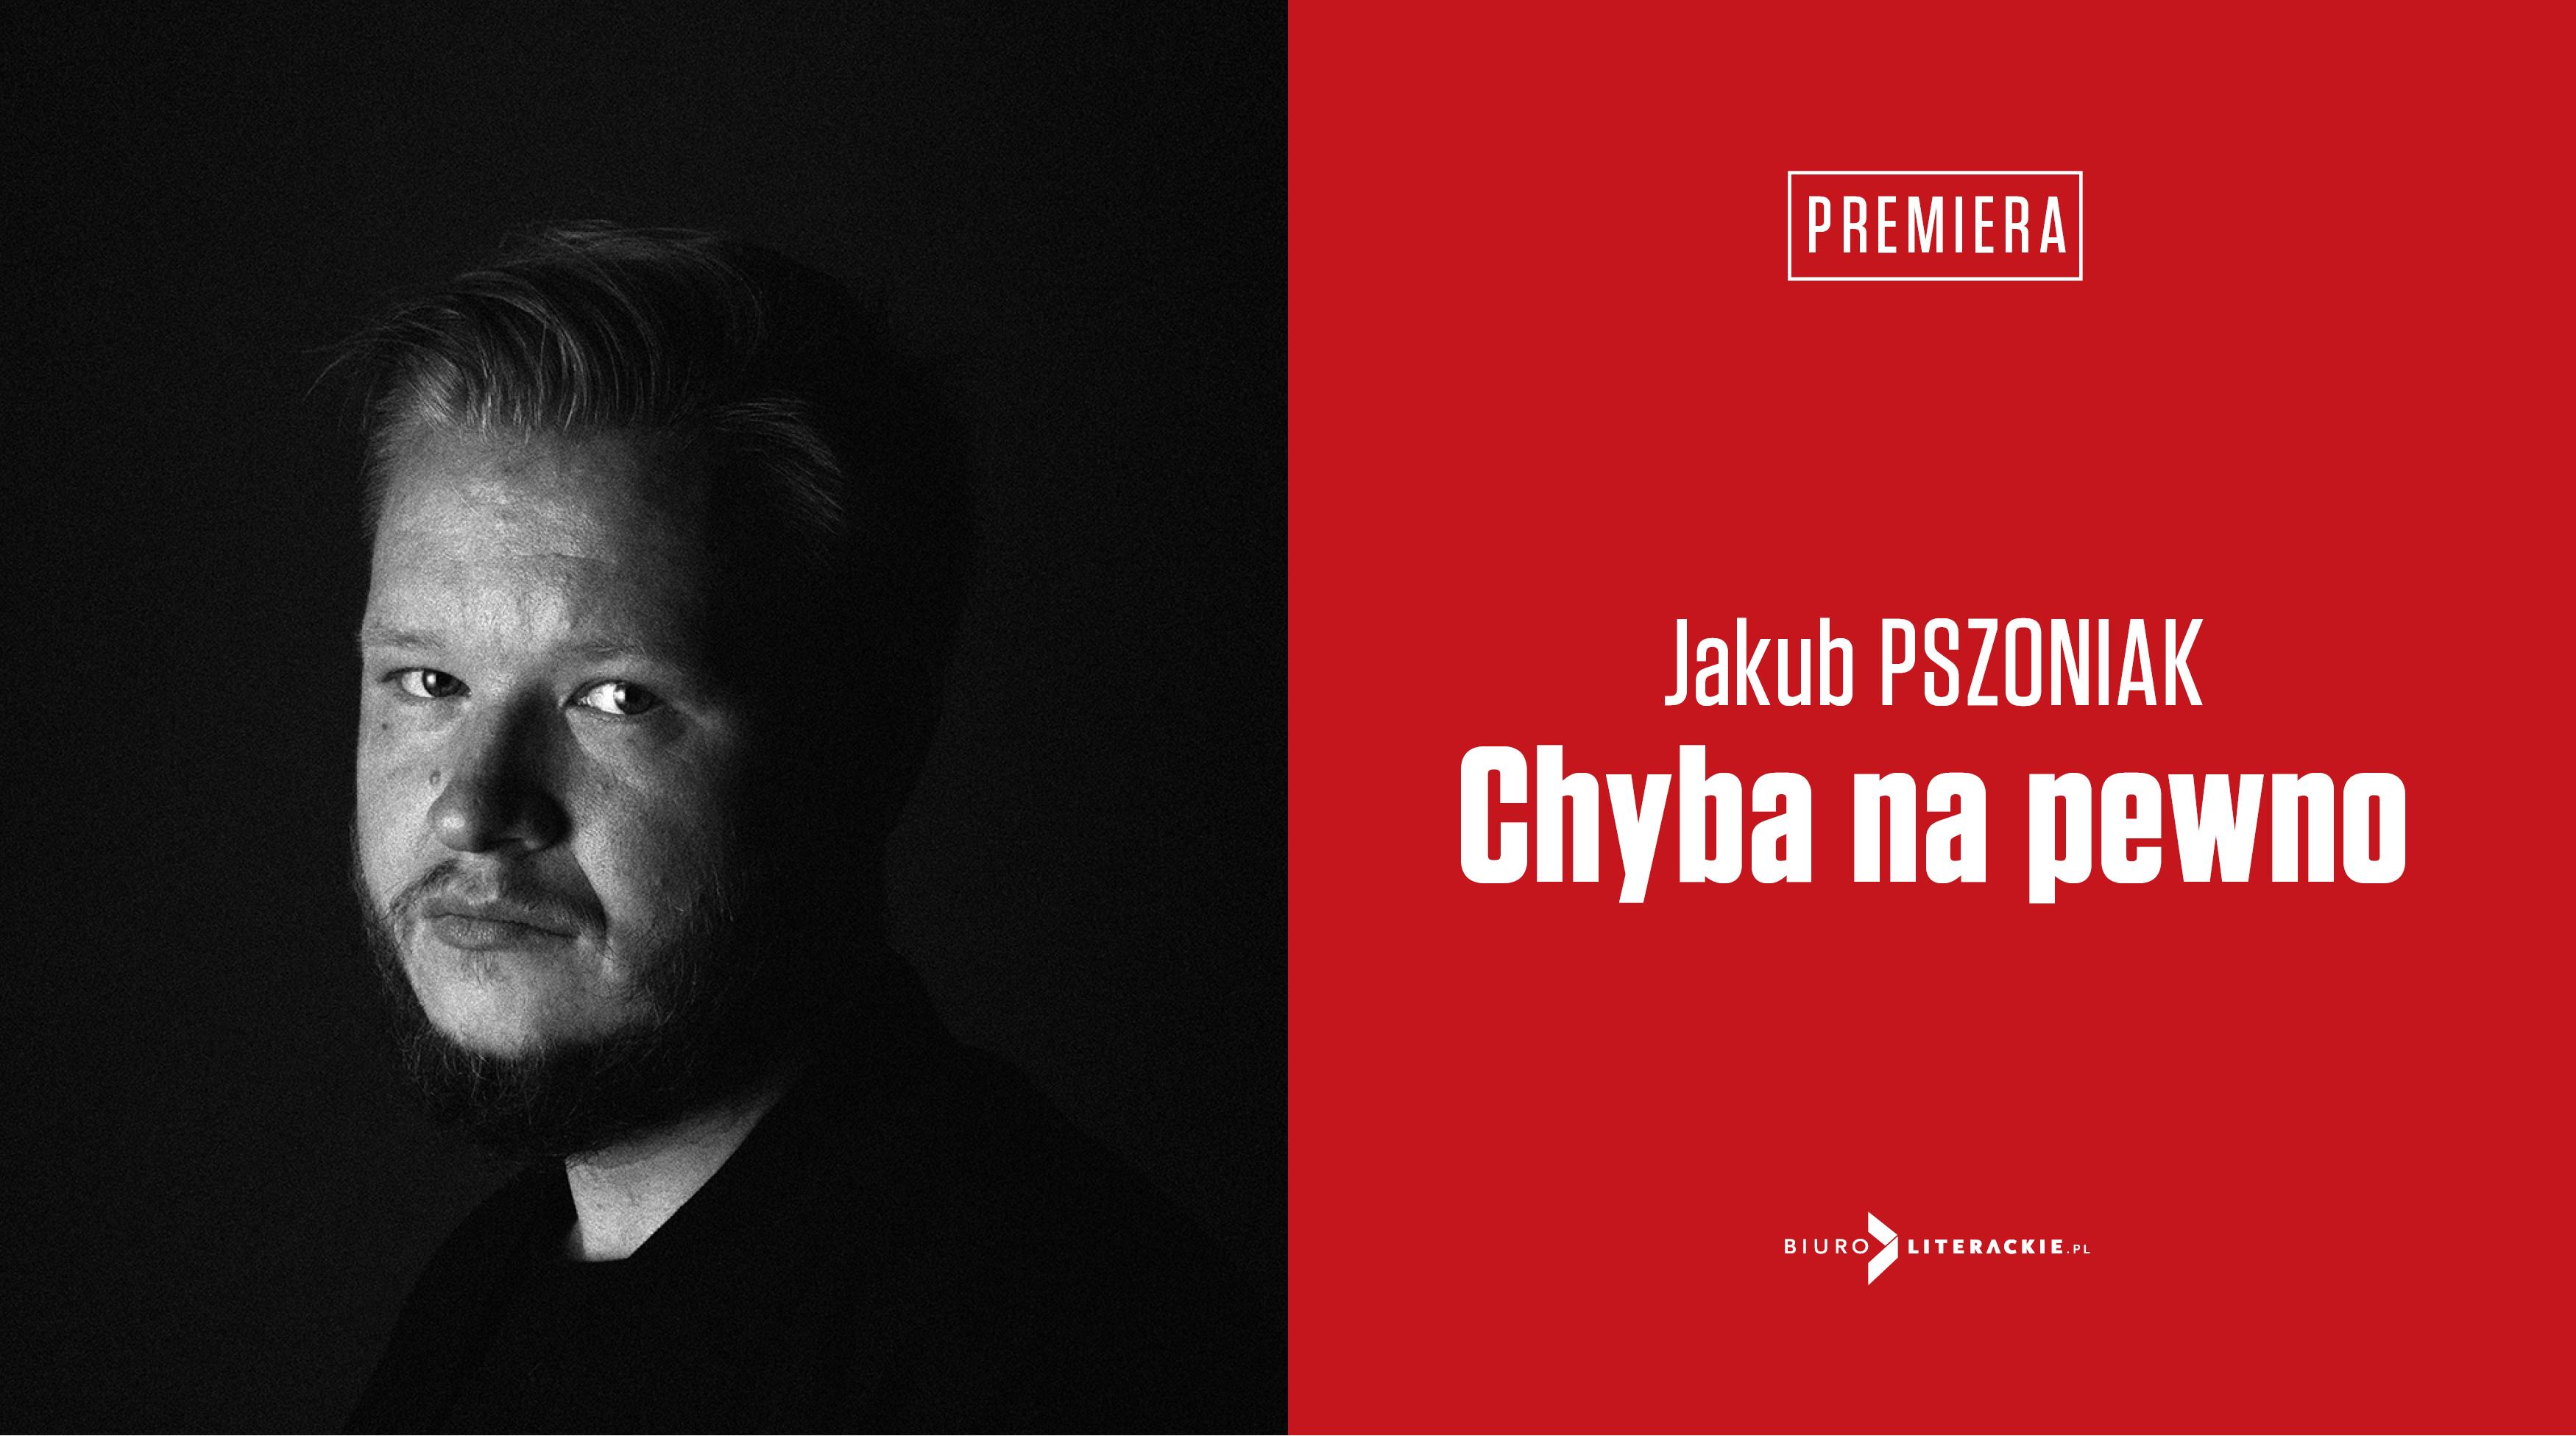 BL Img 2019.04.01 Jakub PSZONIAK Chyba na pewno__www_top